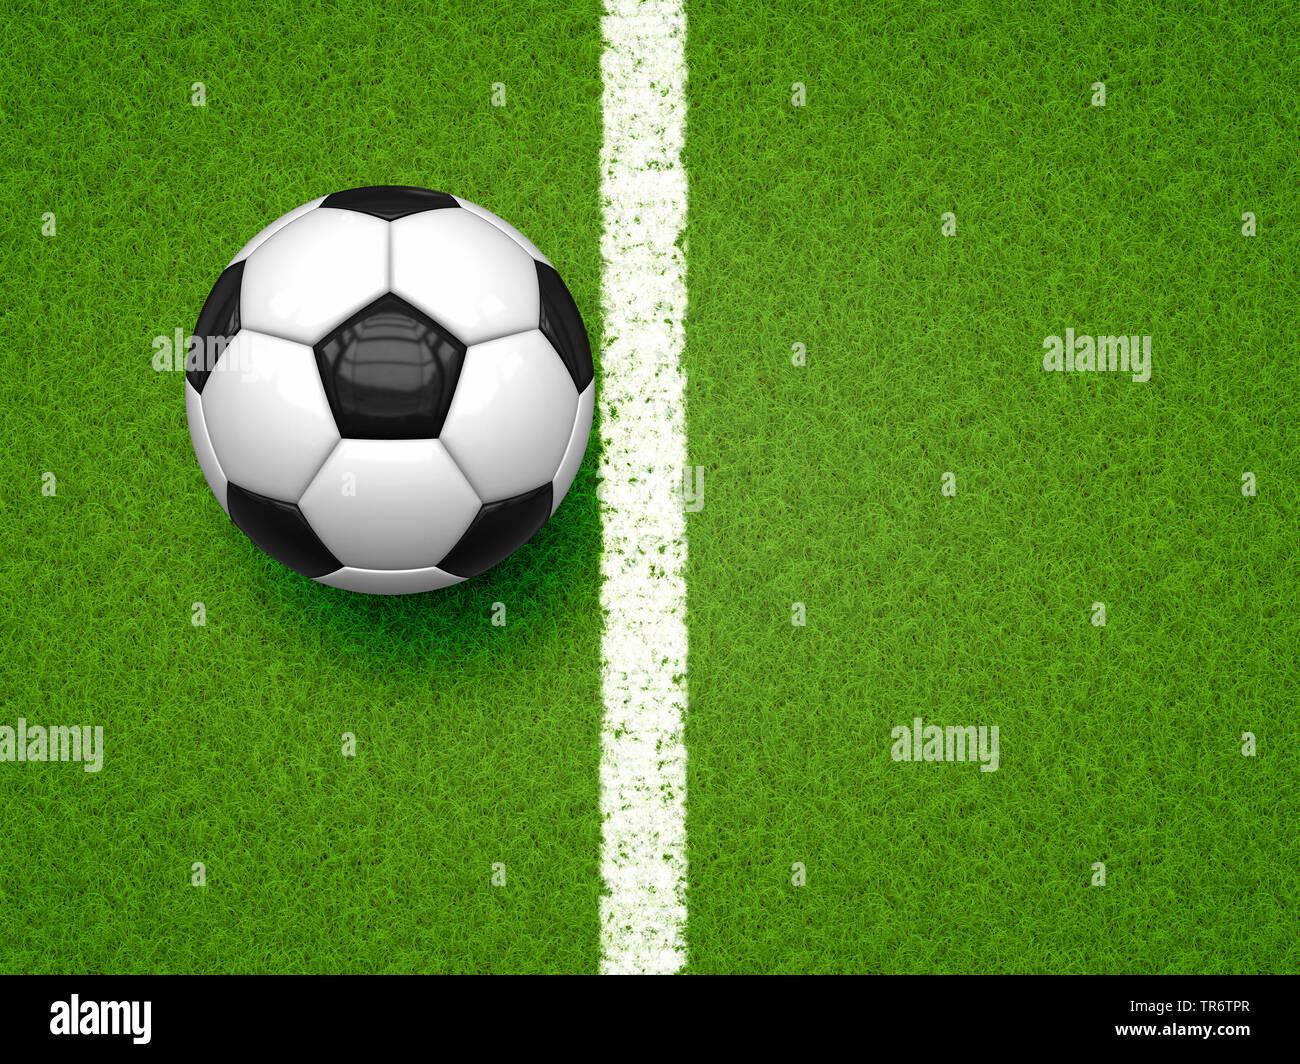 Fussball auf gruenem Rasen | football on green football field | BLWS490627.jpg [ (c) blickwinkel/McPHOTO/M. Gann Tel. +49 (0)2302-2793220, E-mail: inf - Stock Image